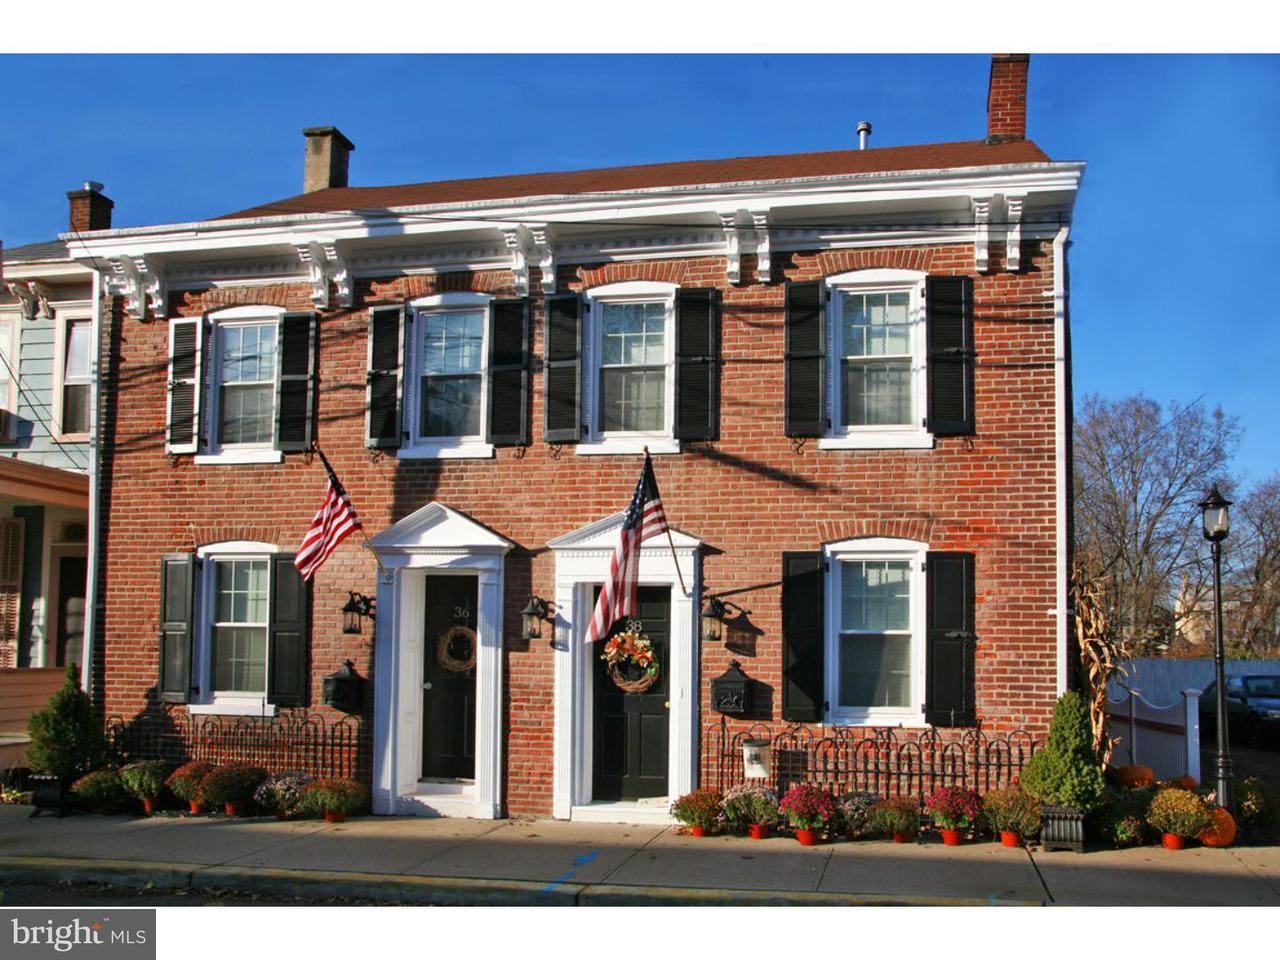 联栋屋 为 出租 在 38 SWAN Street 兰伯特维尔, 新泽西州 08530 美国在/周边: Lambertville